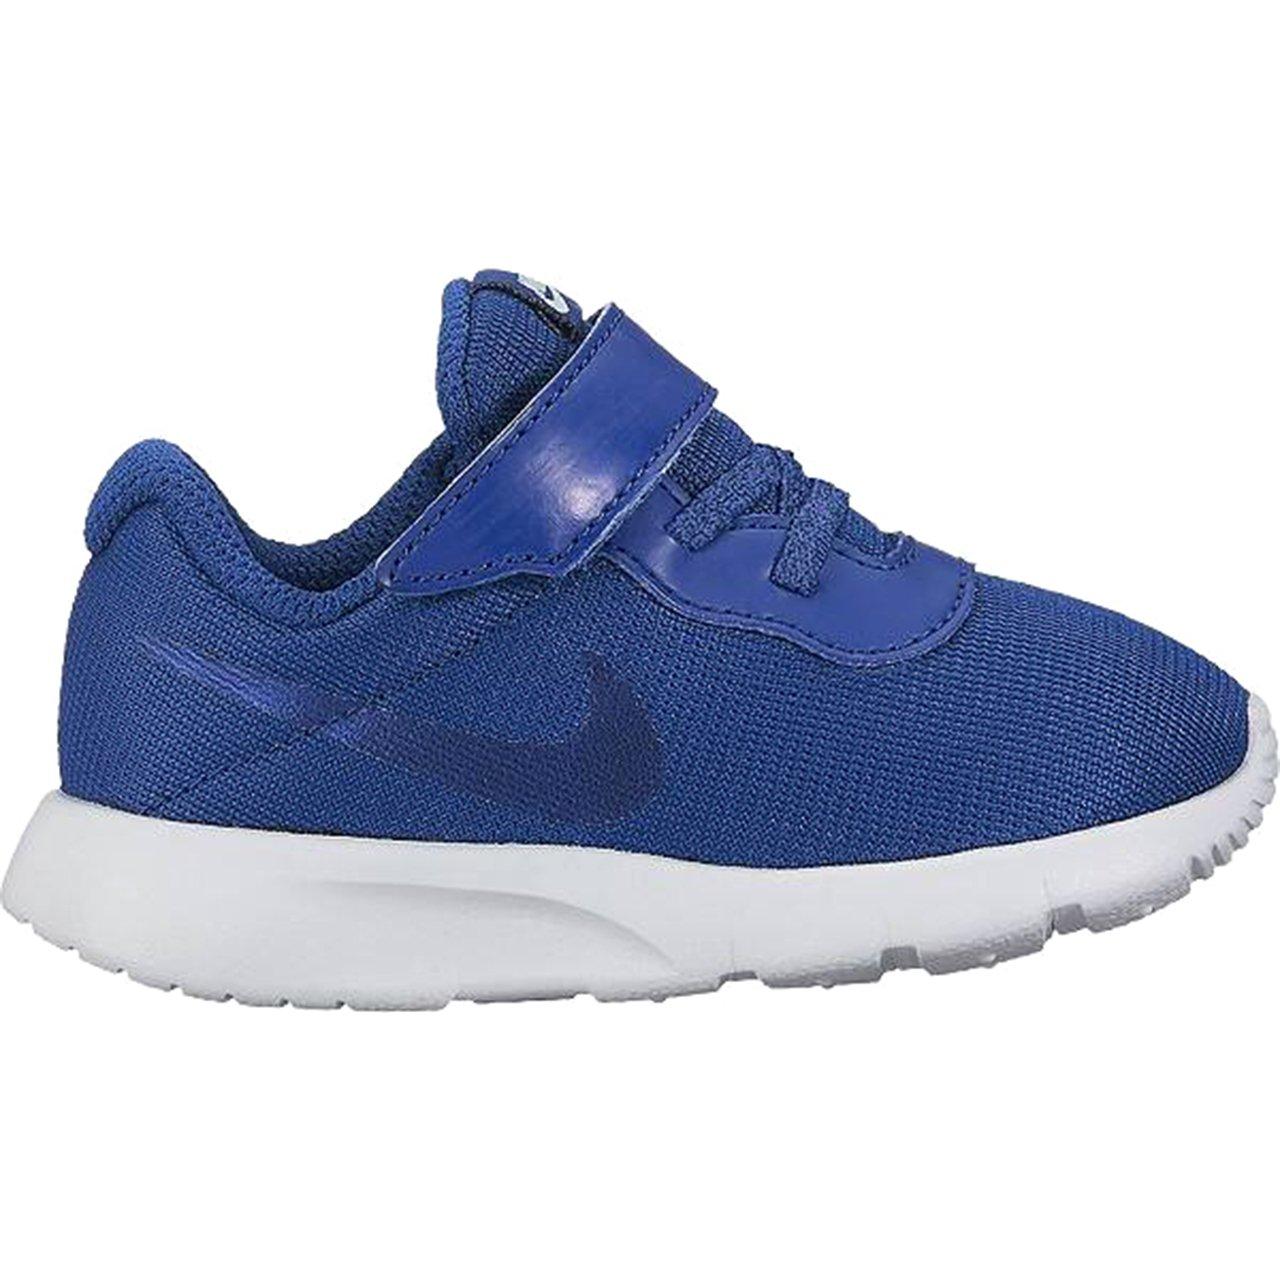 NIKE Boy's Tanjun (TDV) Running Shoes (10 Toddler M, Gym Blue/Gym Blue)